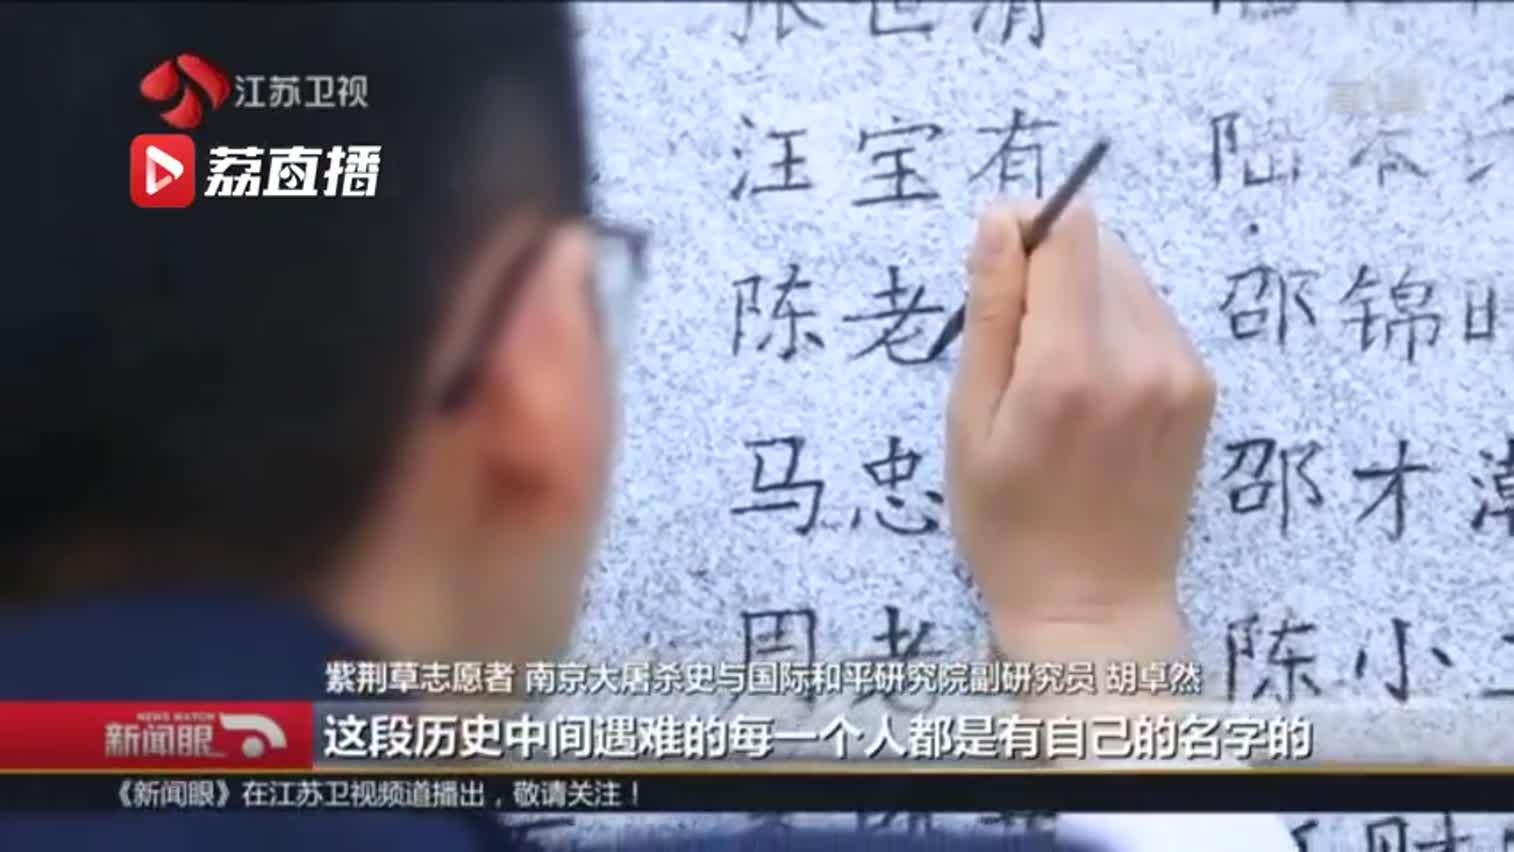 为了不克不及忘记的纪念 南京大年夜屠戮遇难者名单墙开端描新